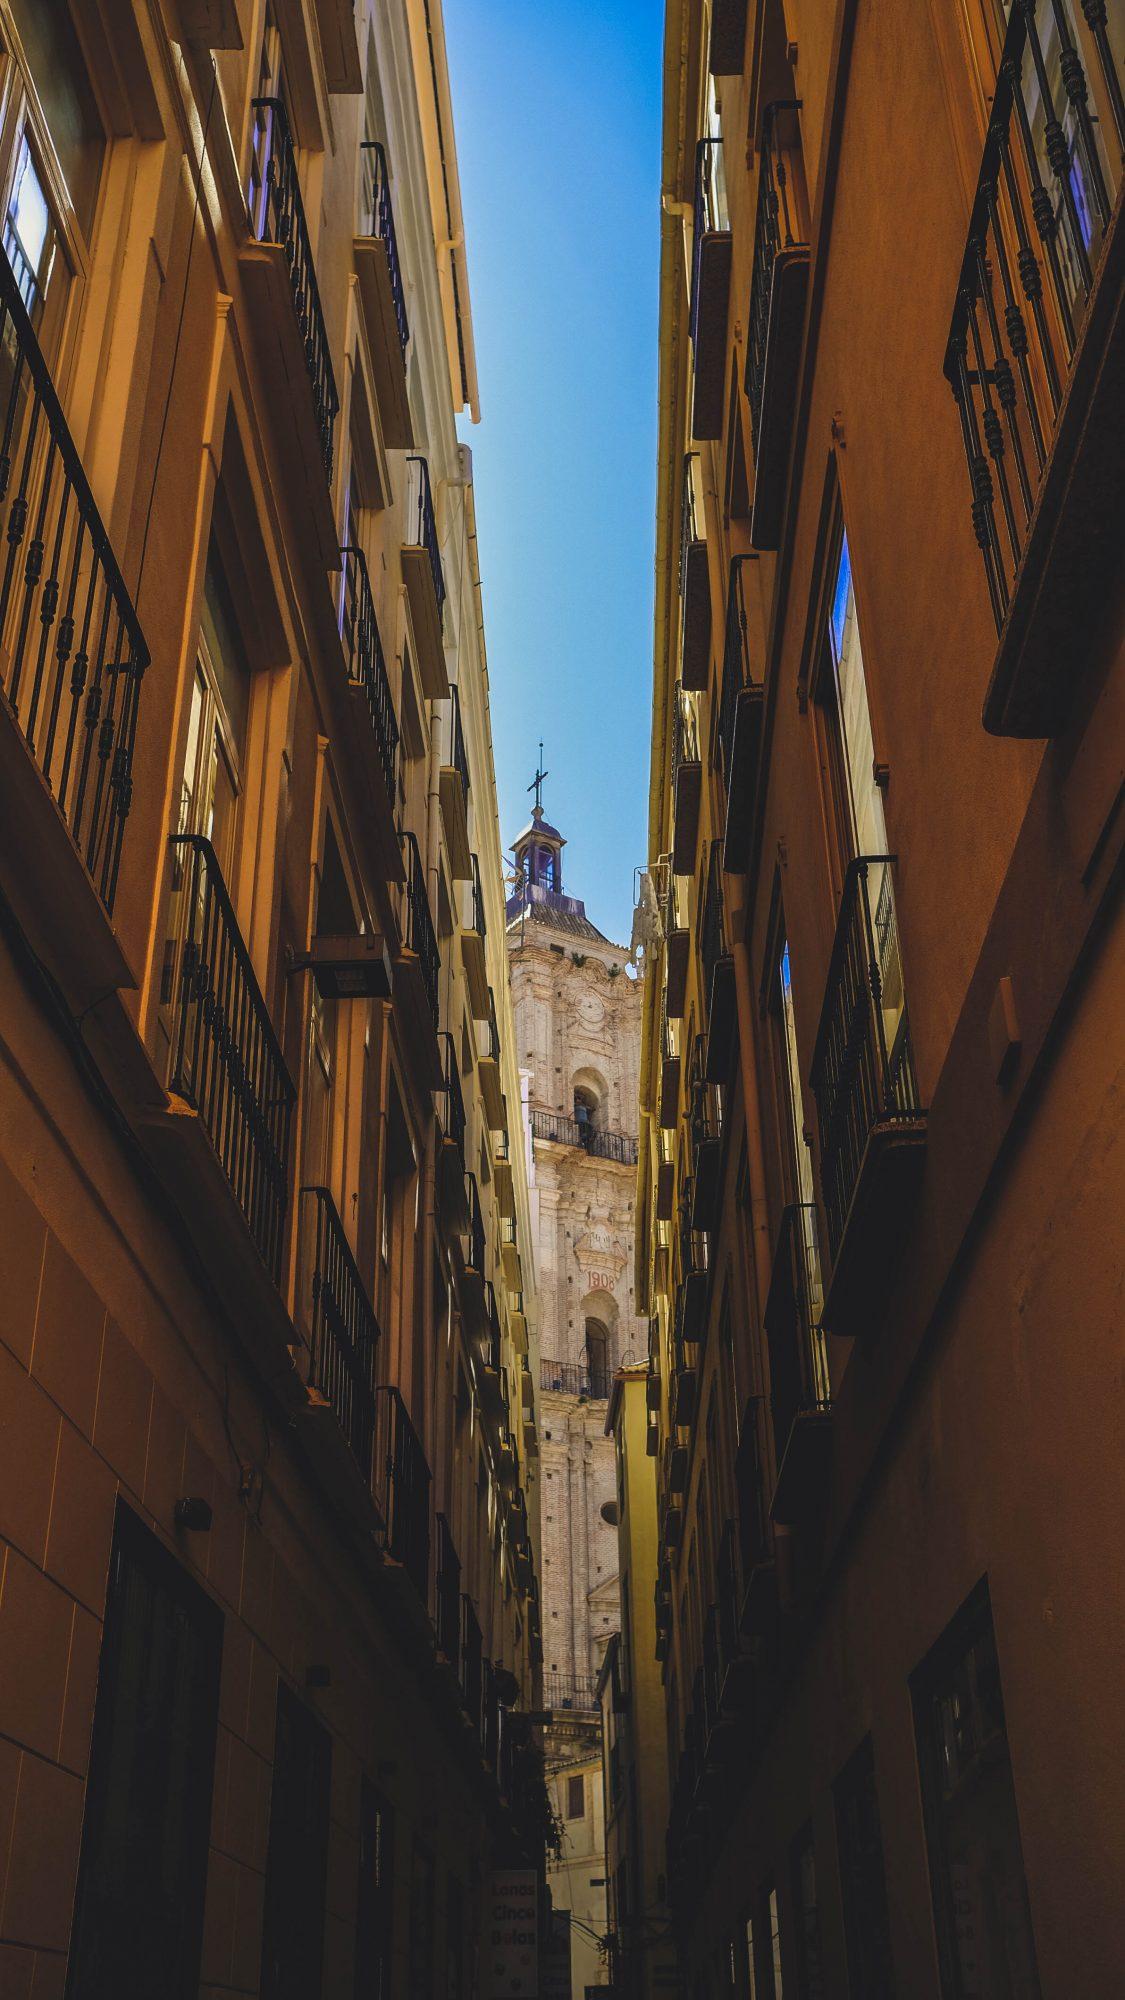 Ruelle de Malaga - Malaga, Espagne